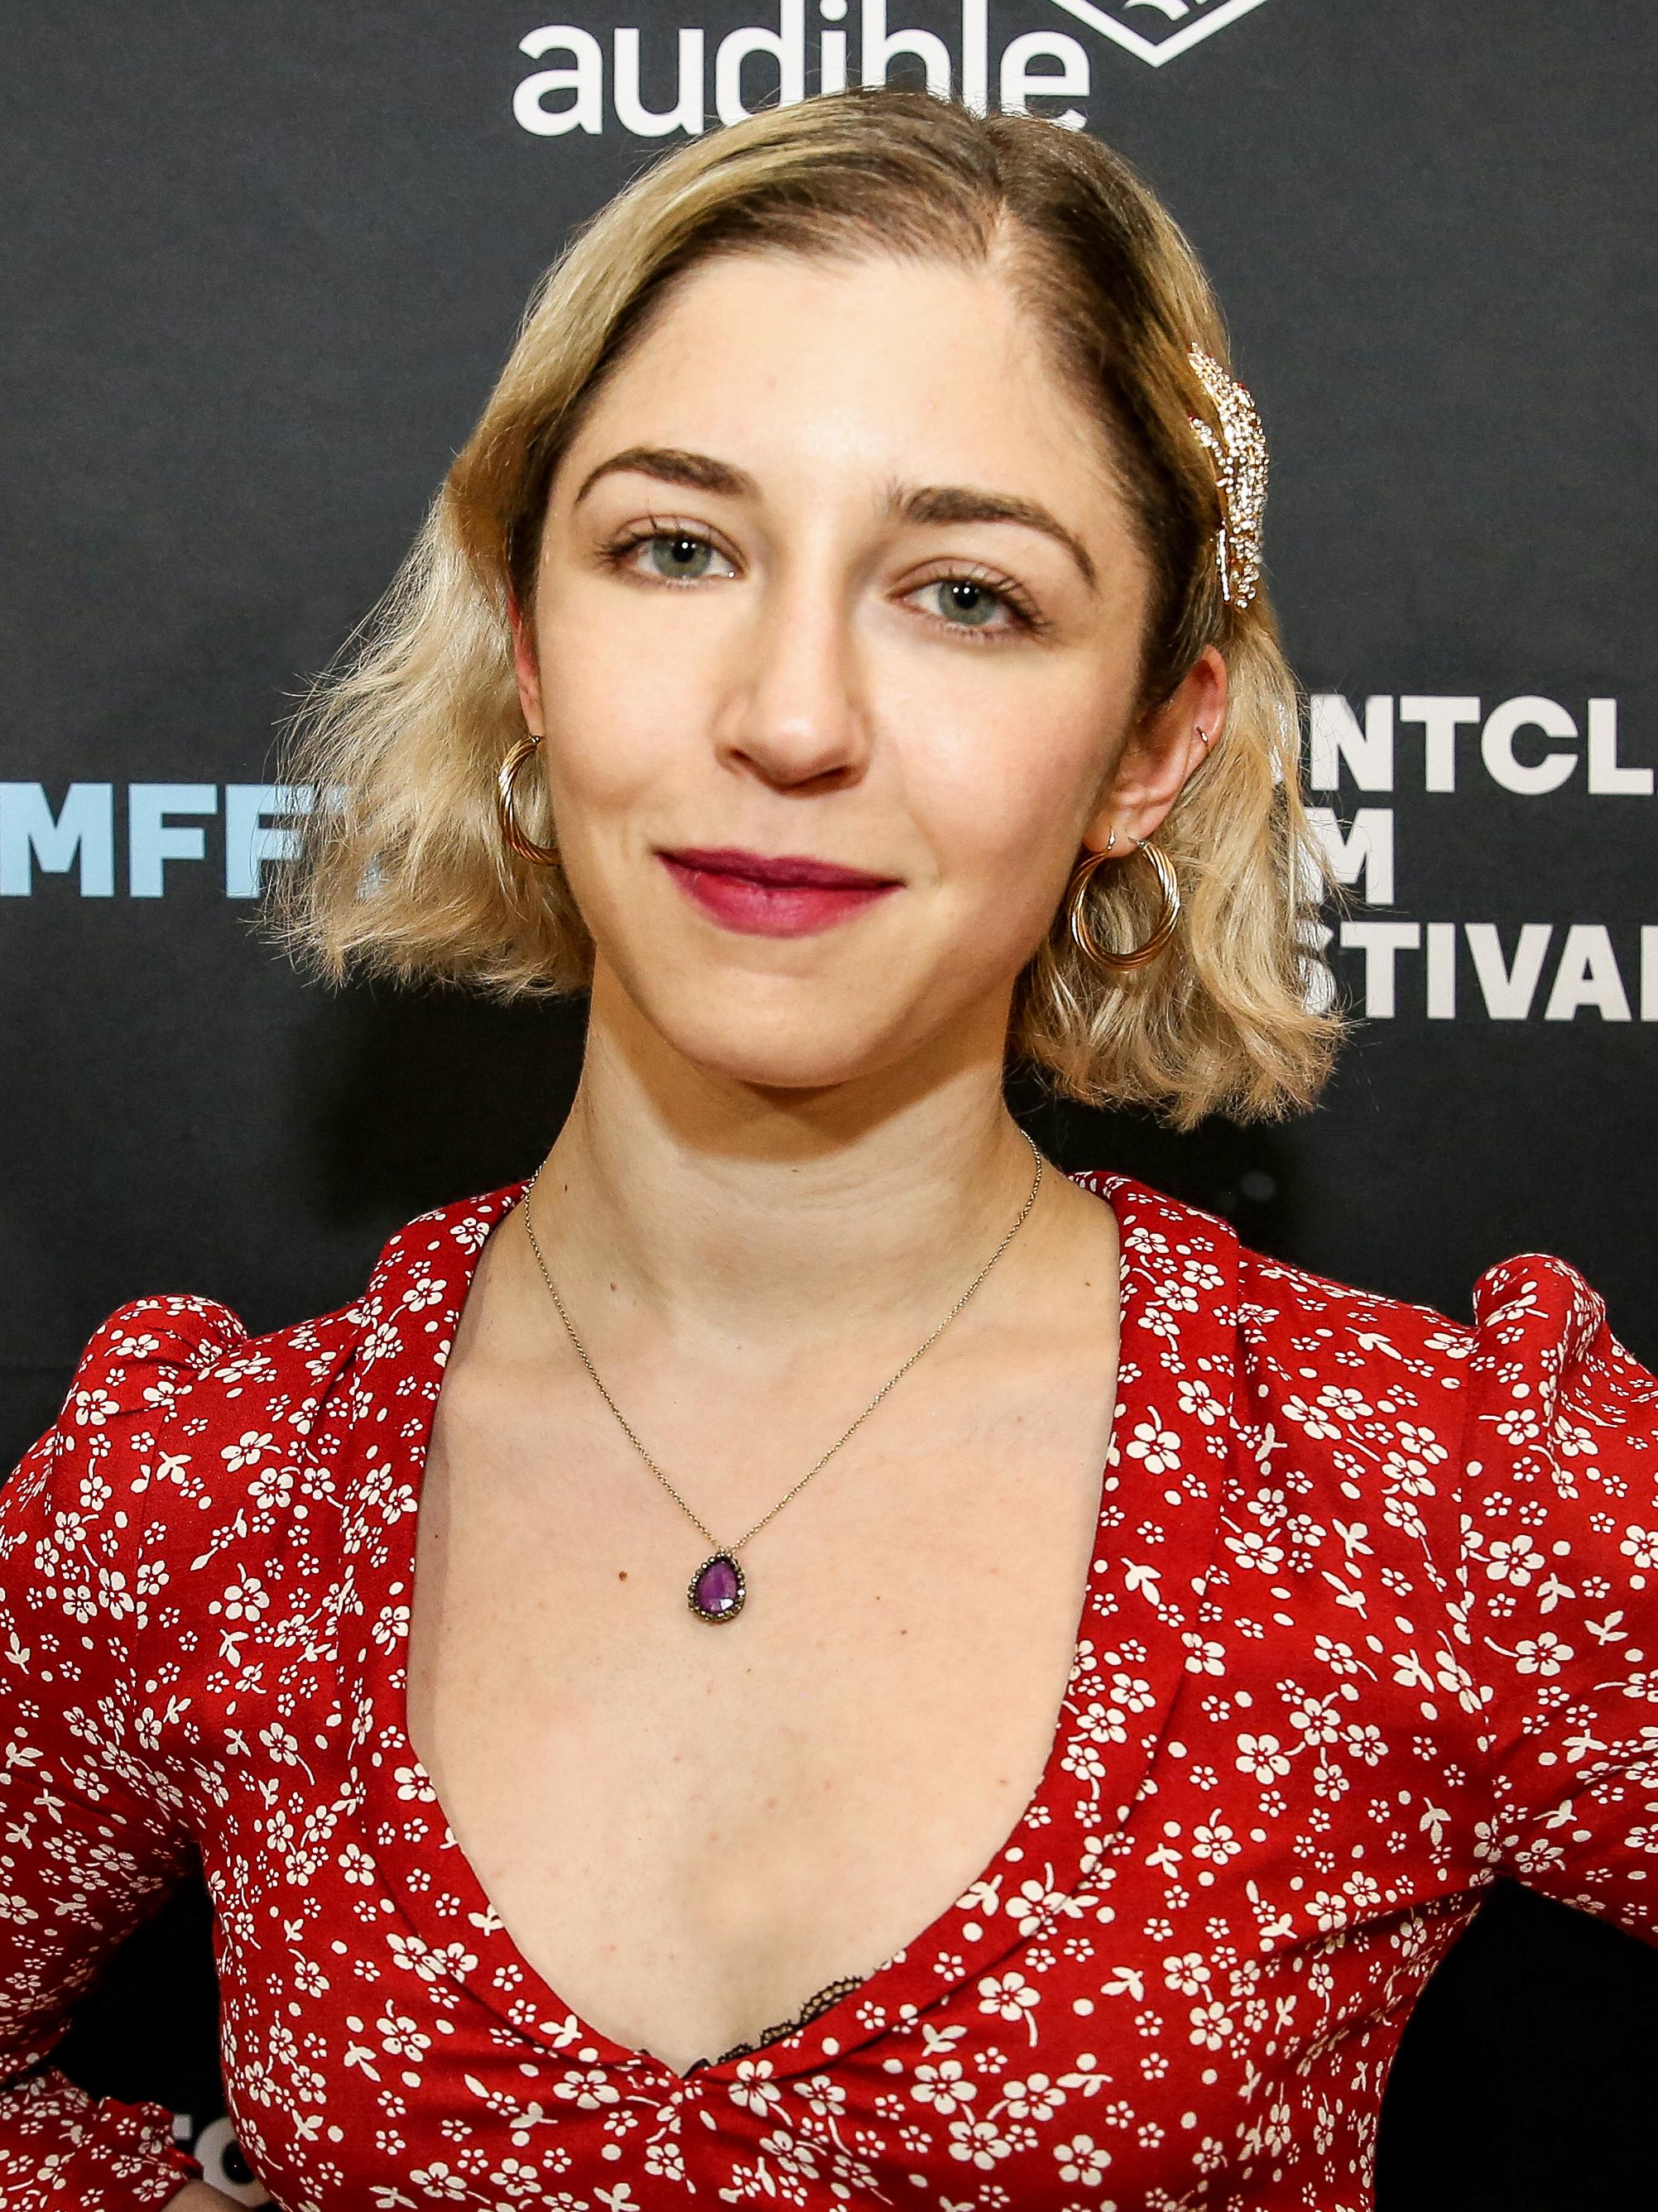 Annabelle Attanasio - Wikipedia